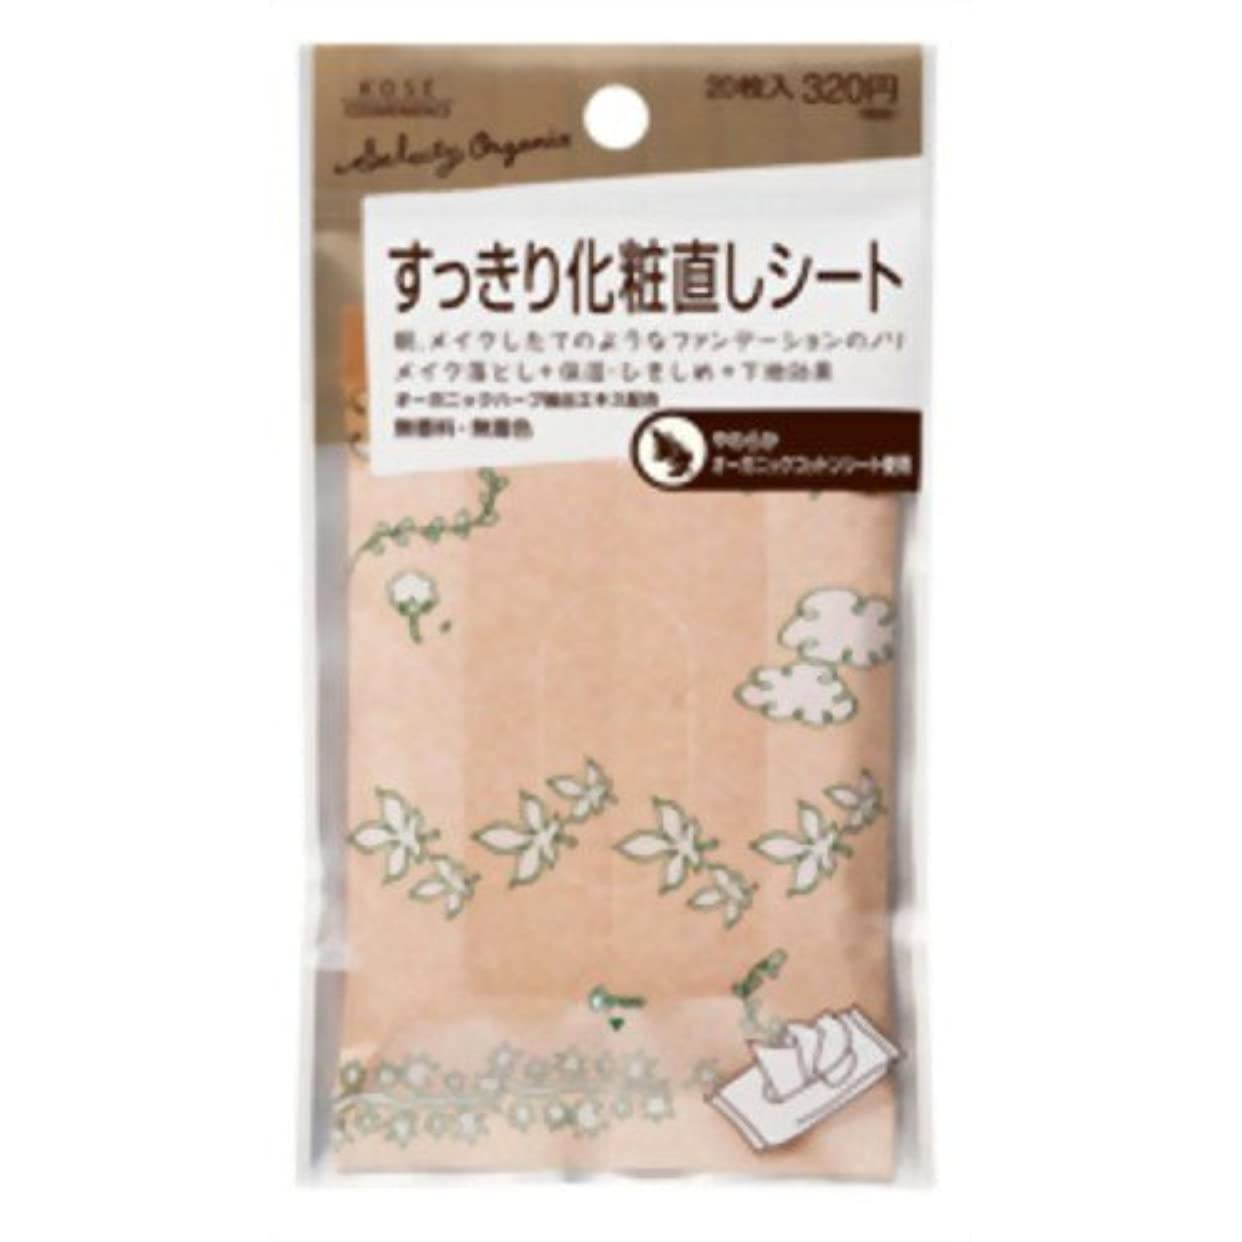 雑草外観チャーターコーセー コンビニック セレクティ オーガニクス 化粧直しシート 20枚入